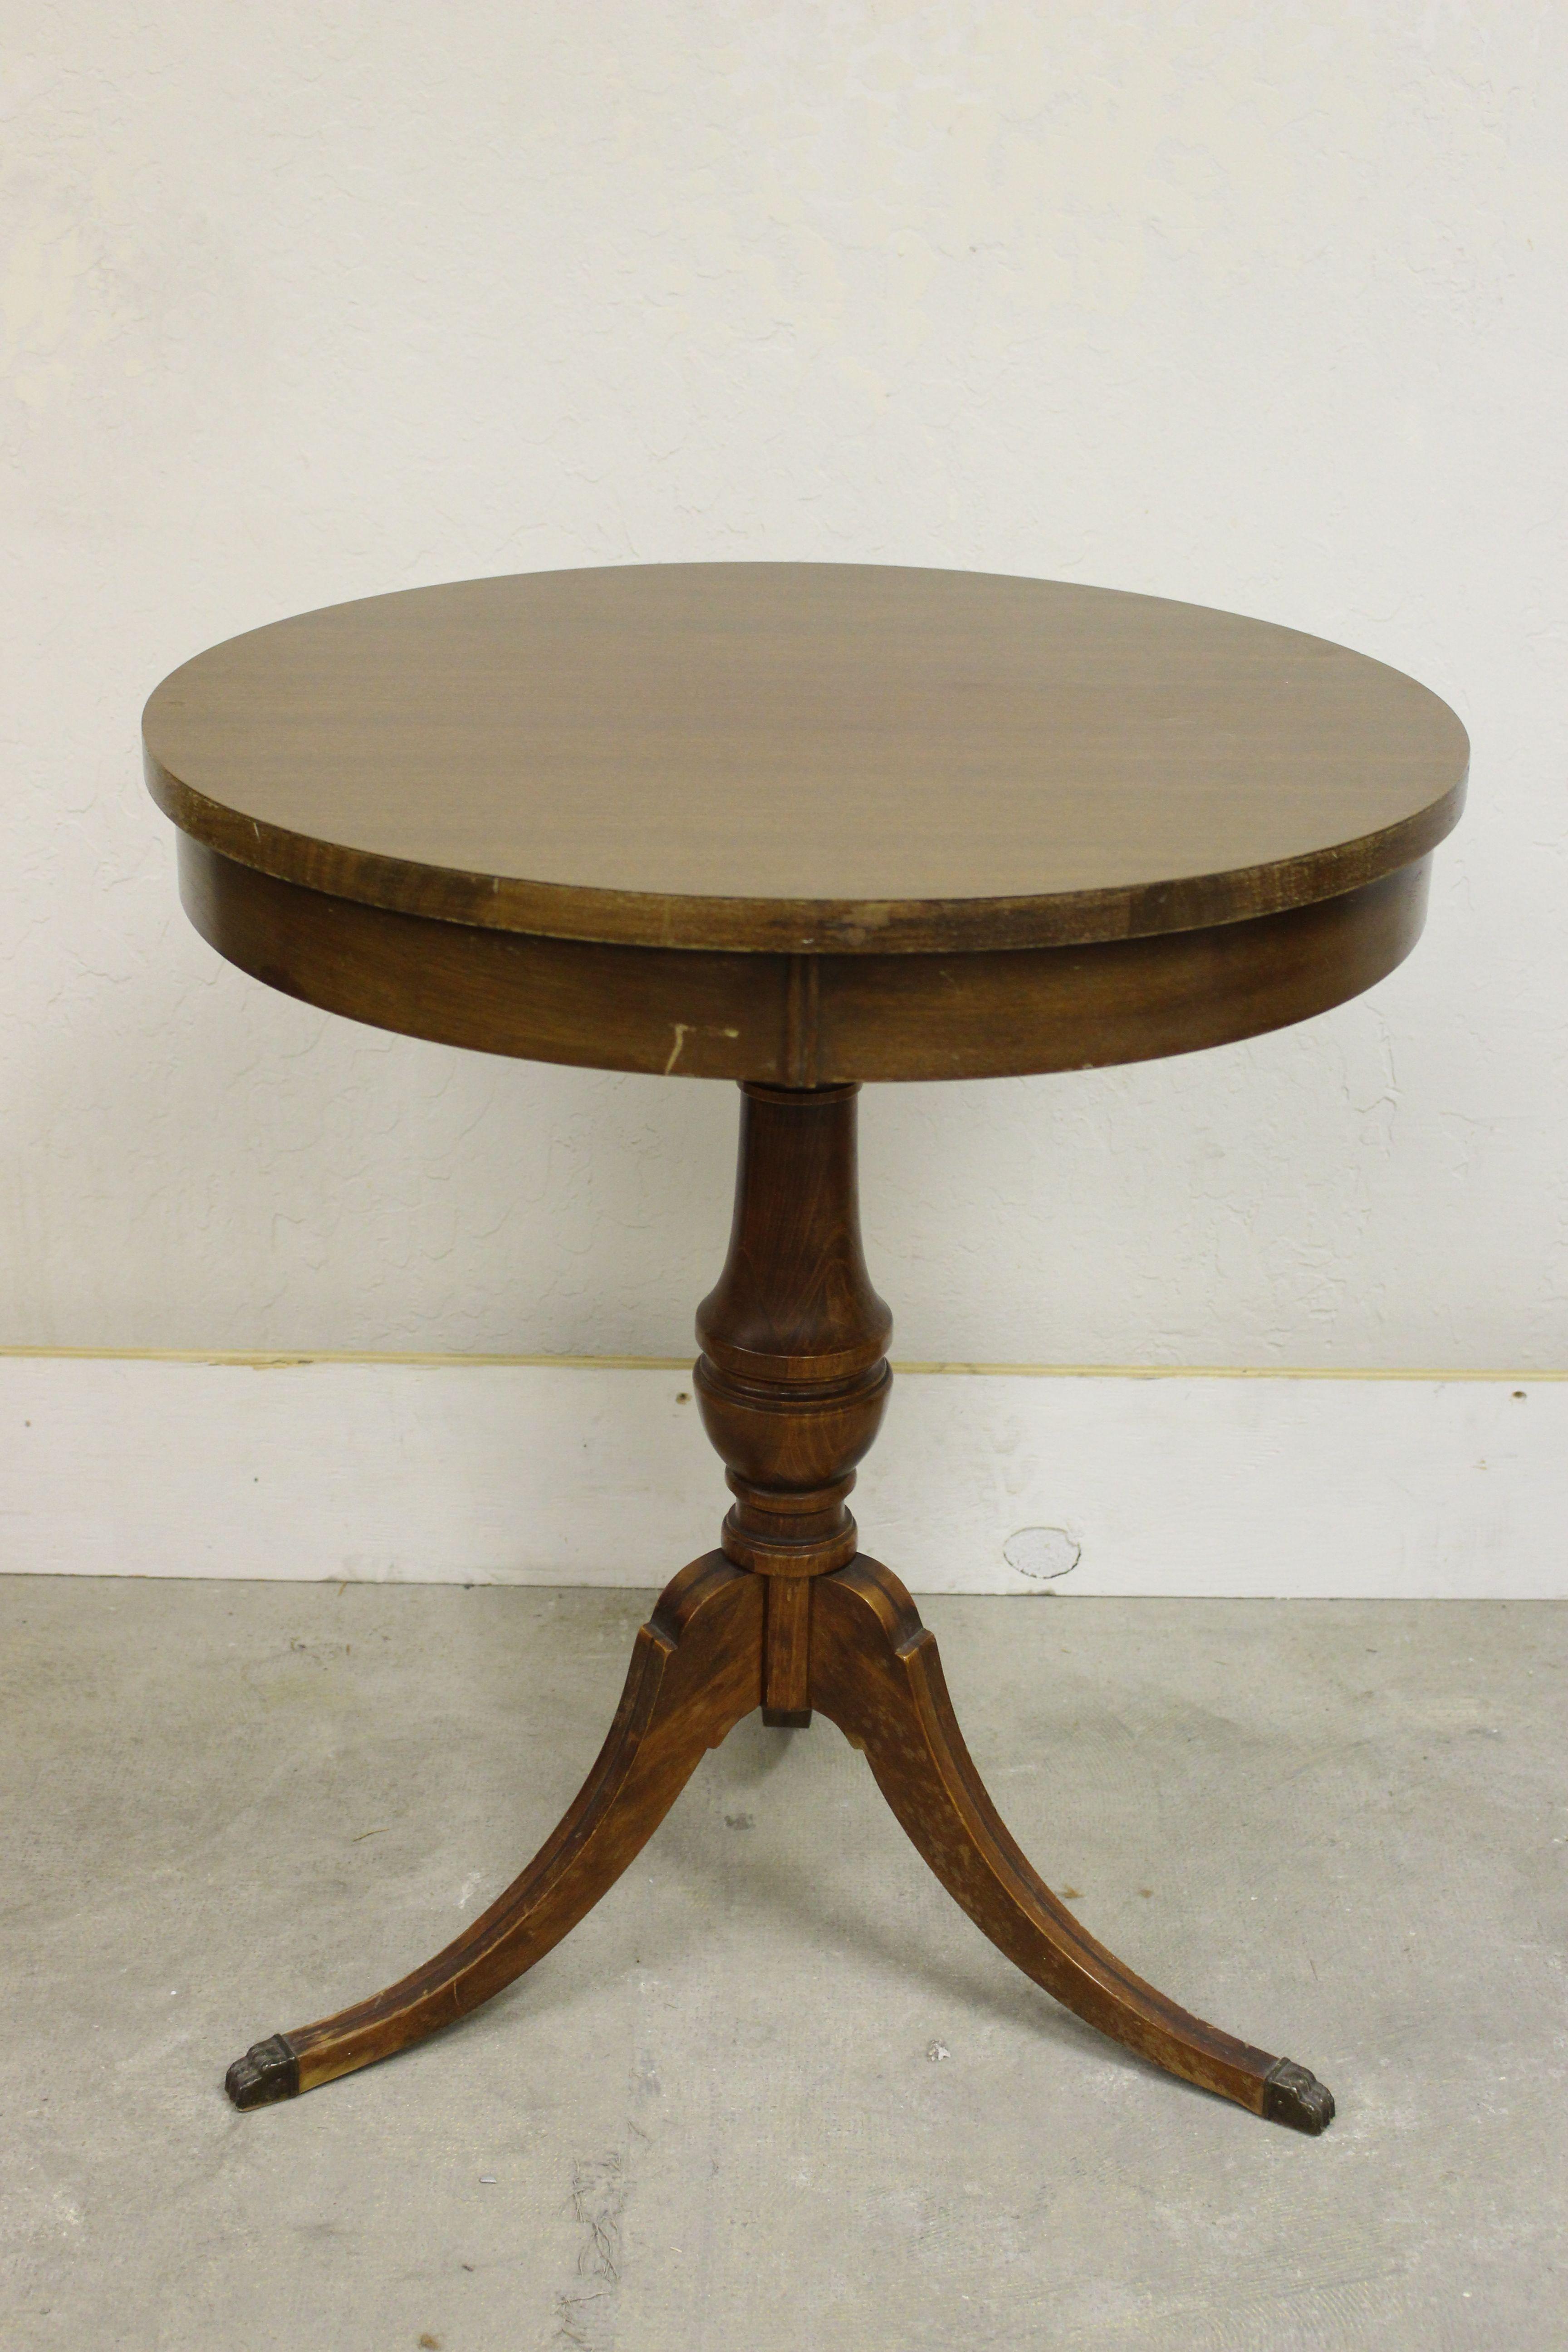 Antique Round Top Mersman Pedestal Table | Chairish